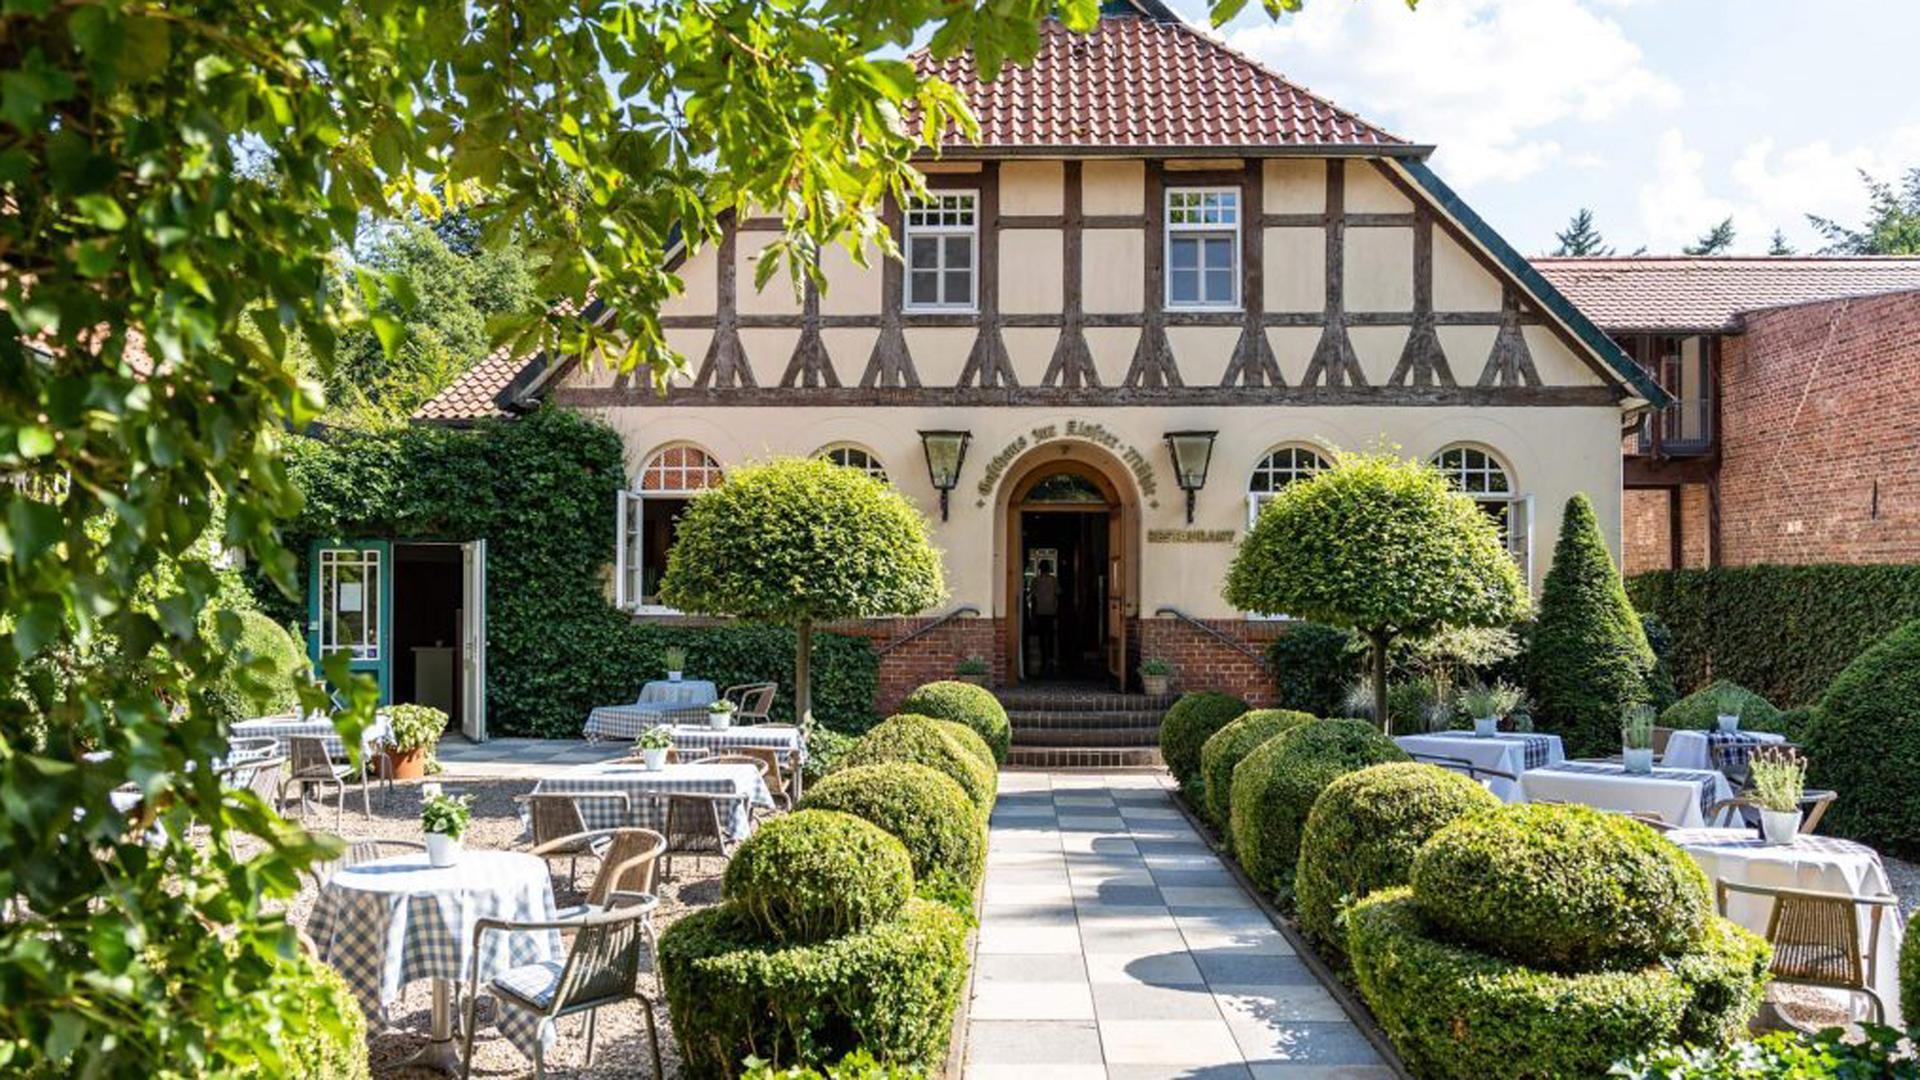 Restaurant, Biergarten, Hotel - das Hotel Zur Kloster-Mühle, ein Qualitätsgastgeber Wanderbares Deutschland